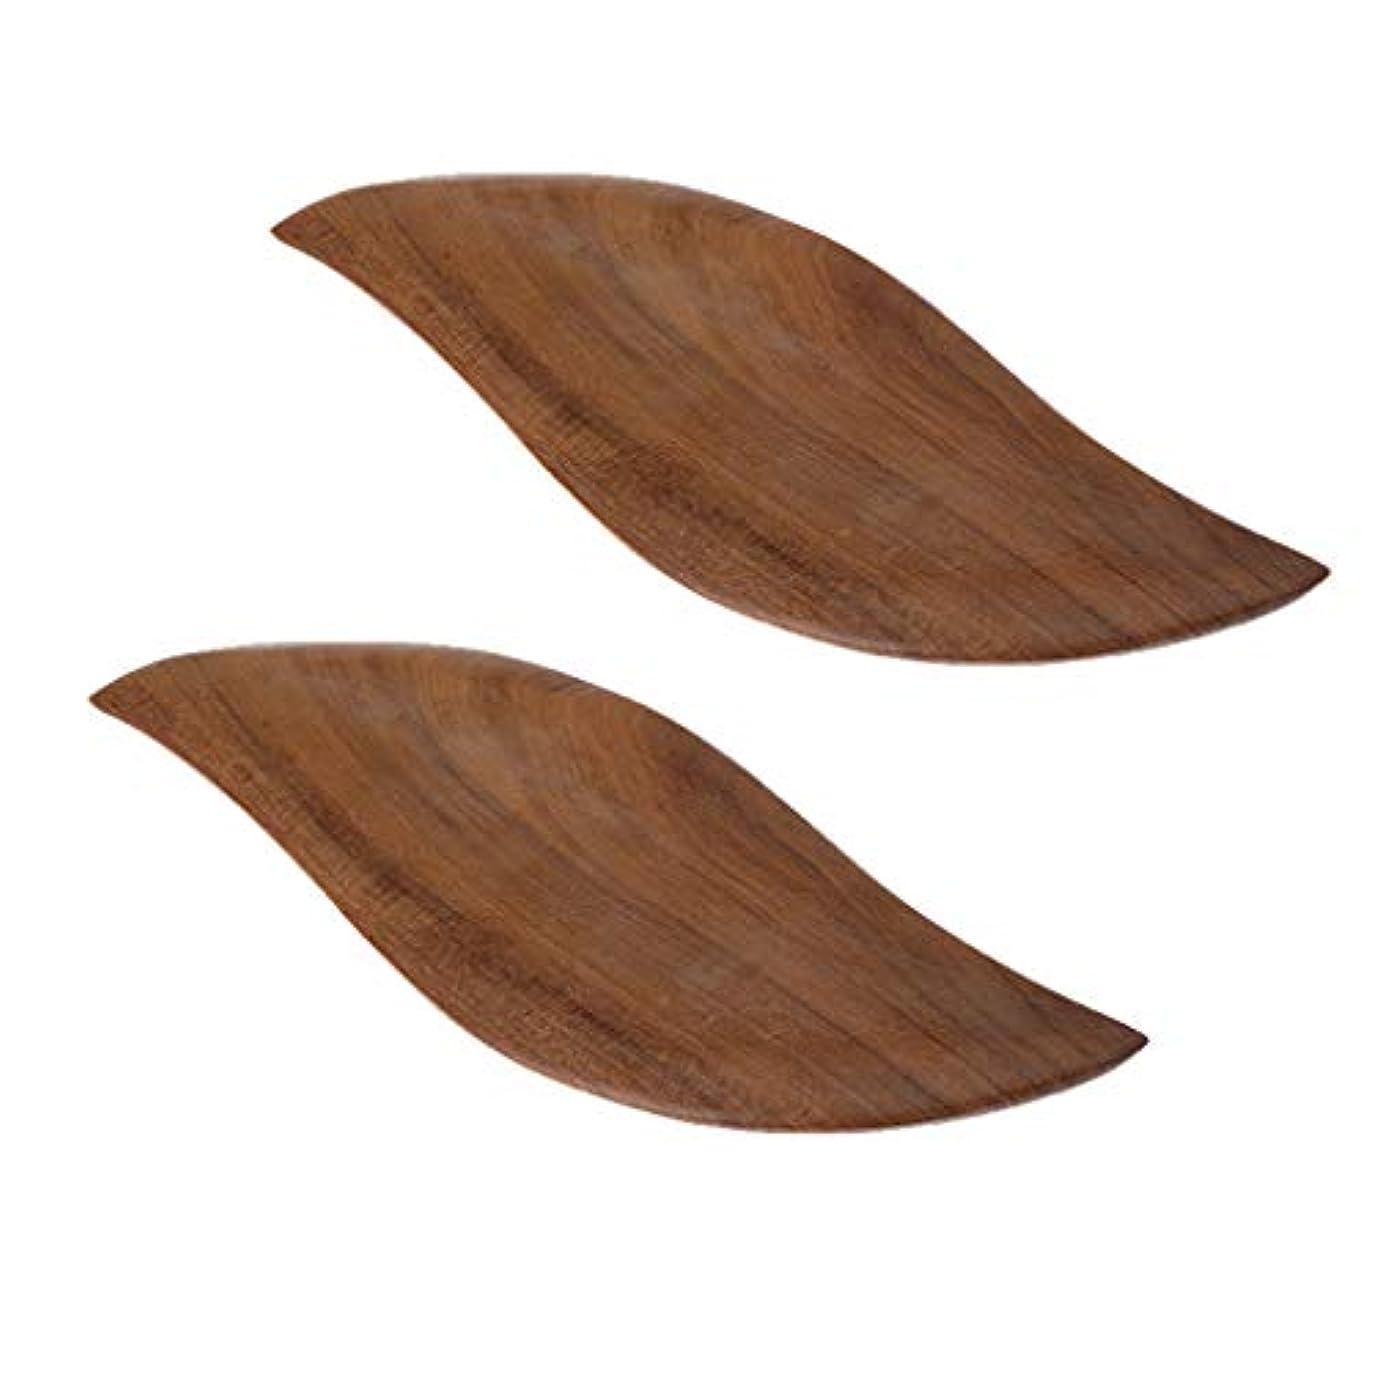 逆さまにお別れ時間2枚 かっさプレート フェイスケア ボディーケア リラックス ツボ押し 木製